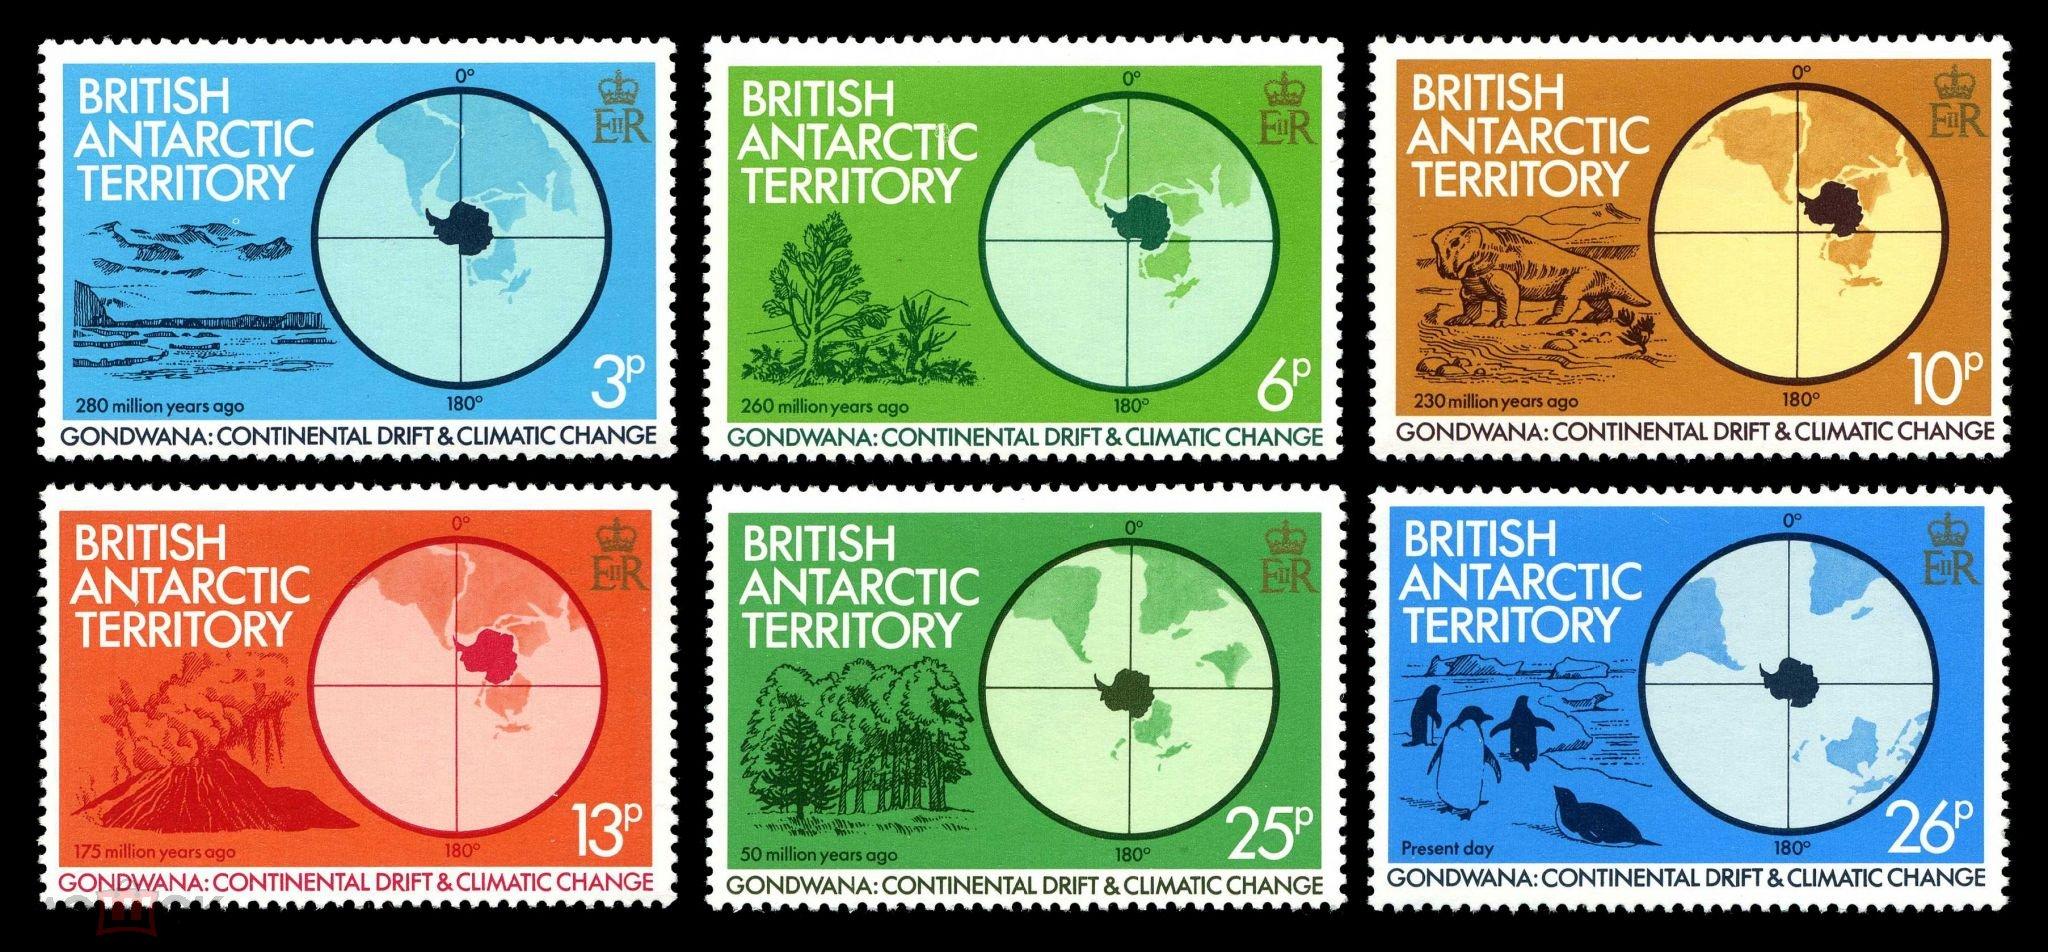 Британские Антарктические Территории БАТ BAT 1982 динозавры палеонтология ископаемая фауна флора